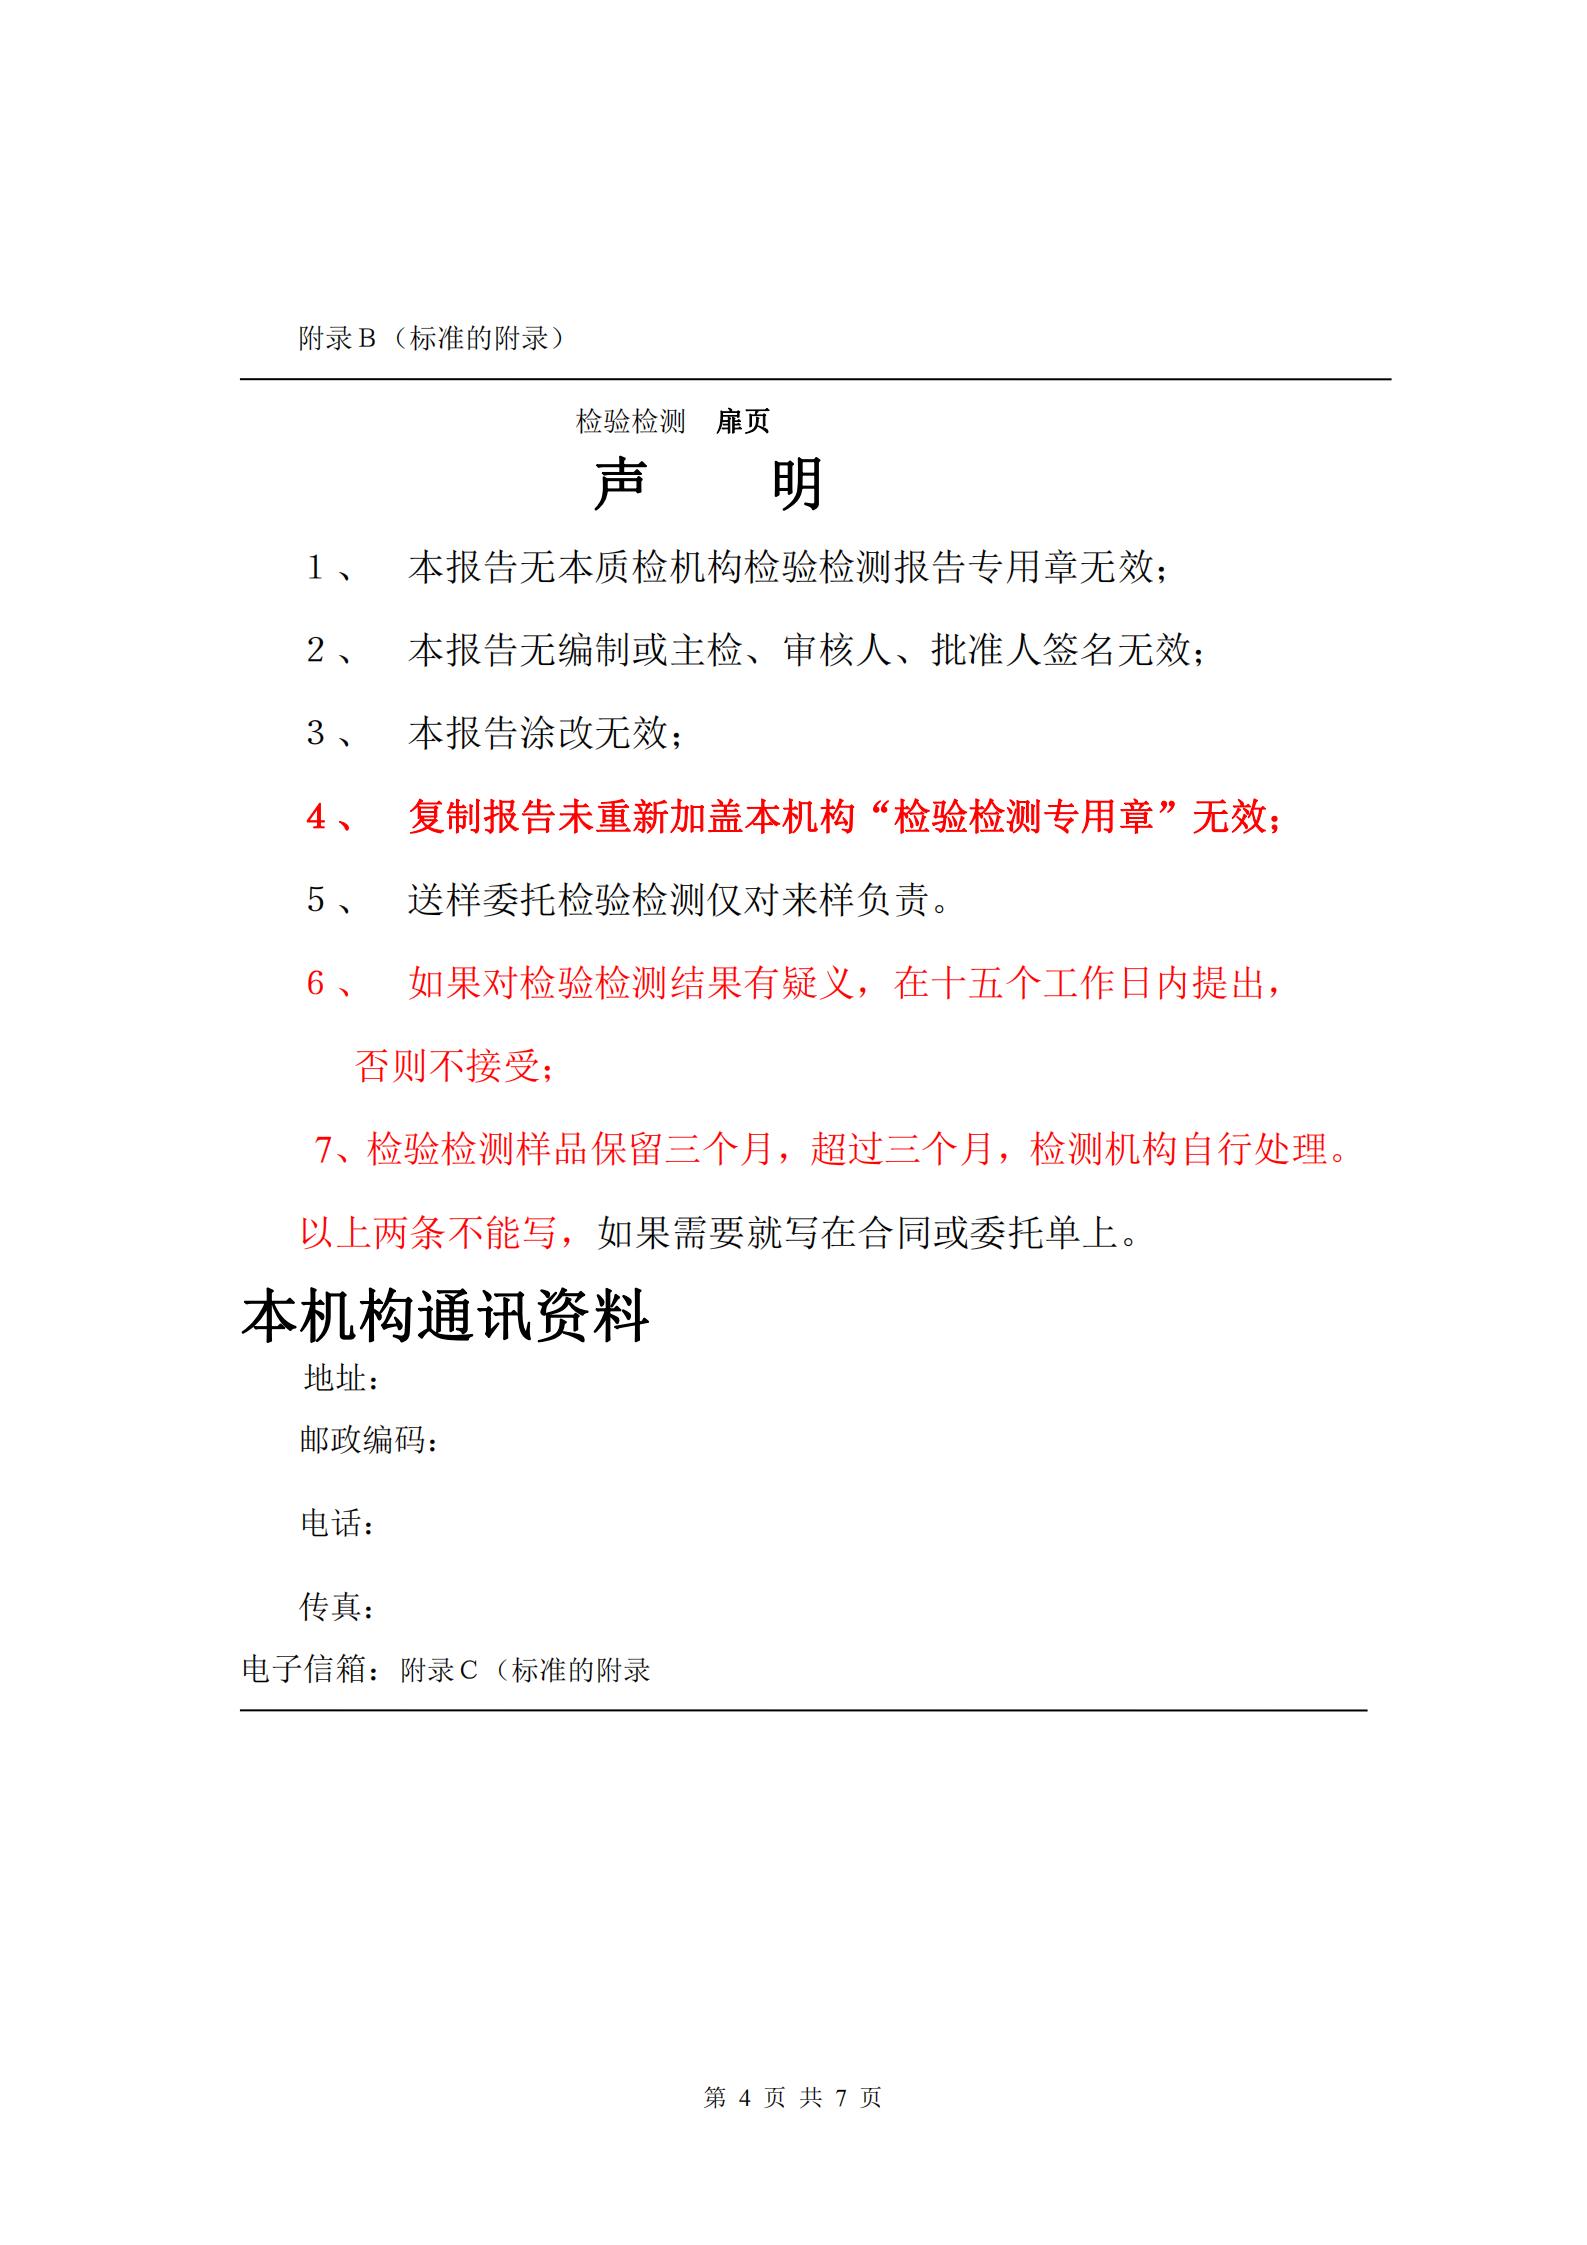 分包报告格式_03.png